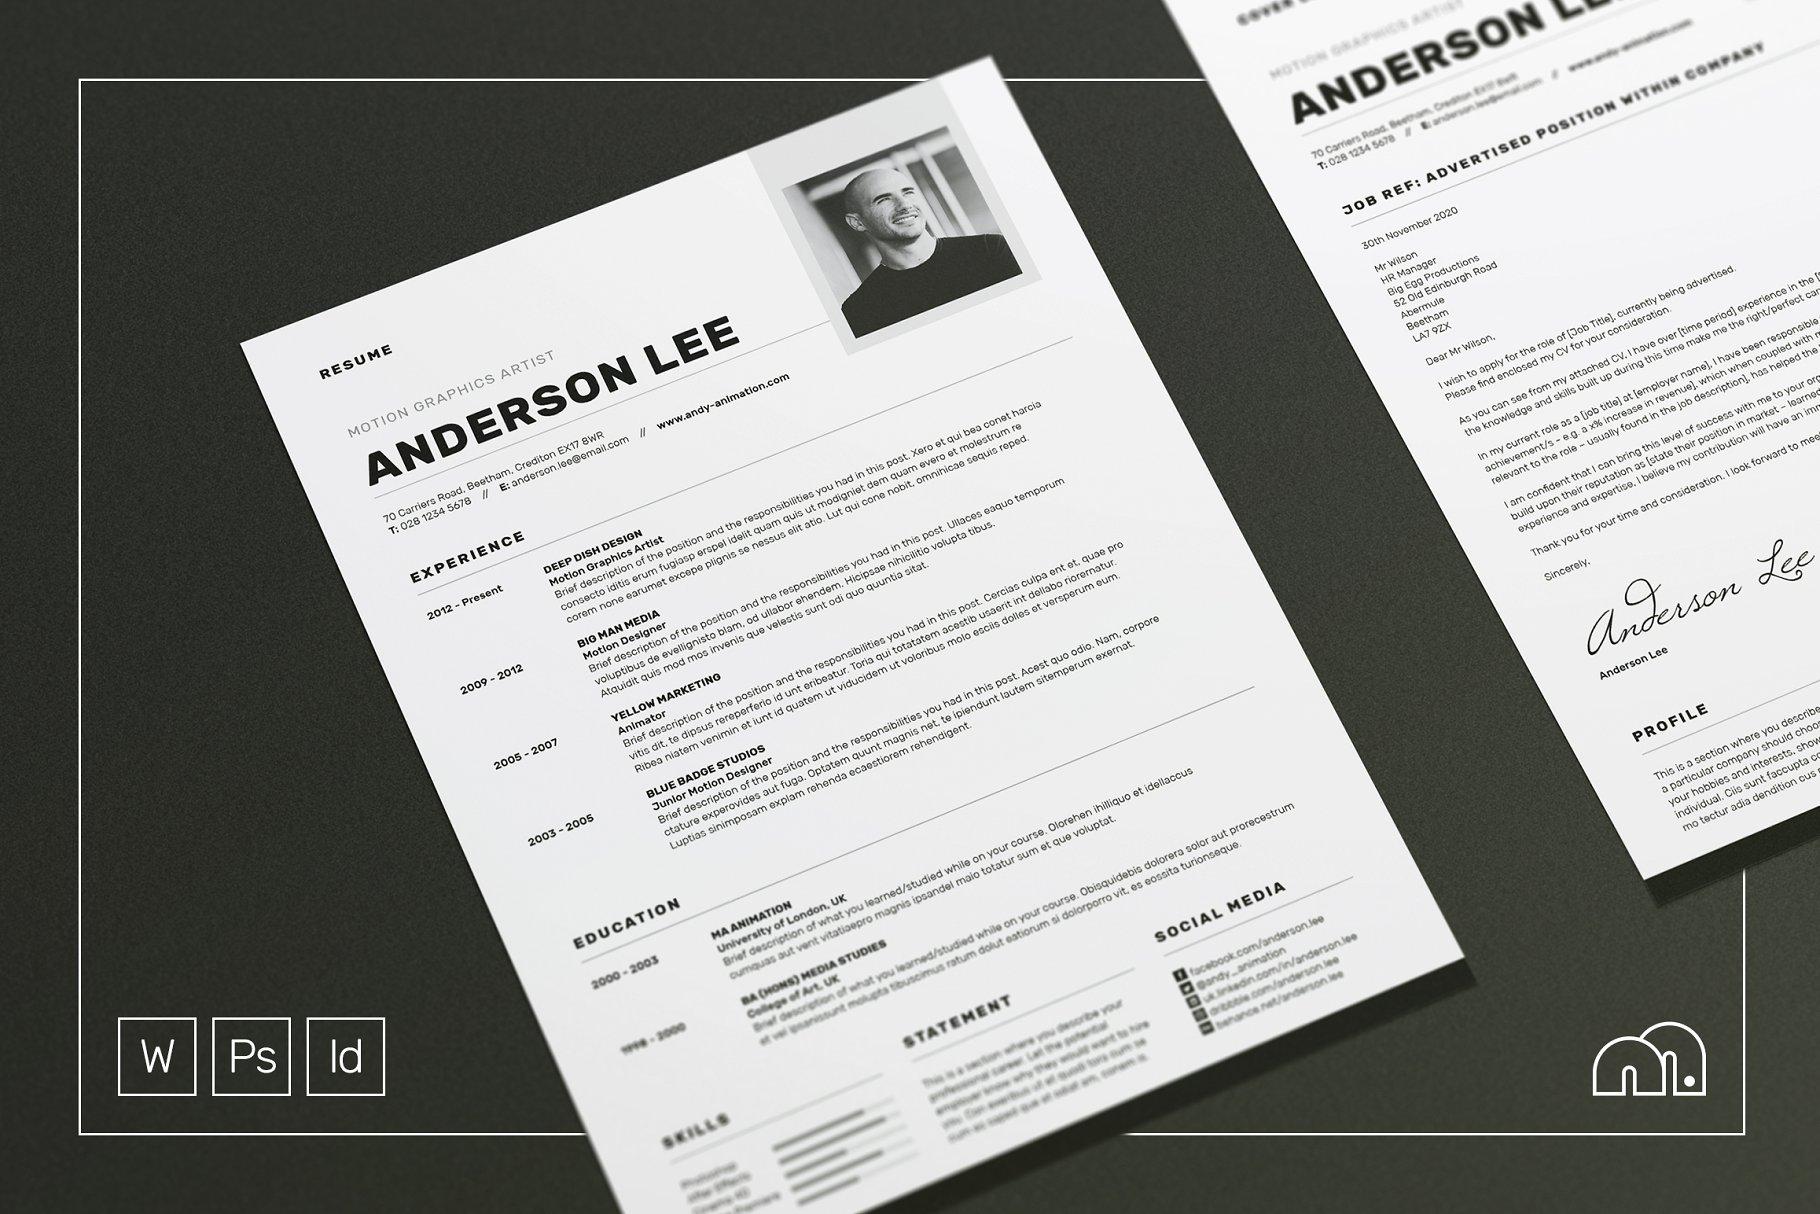 个性互联网专业人才简历设计师简历模板 ResumeCV-Anderson